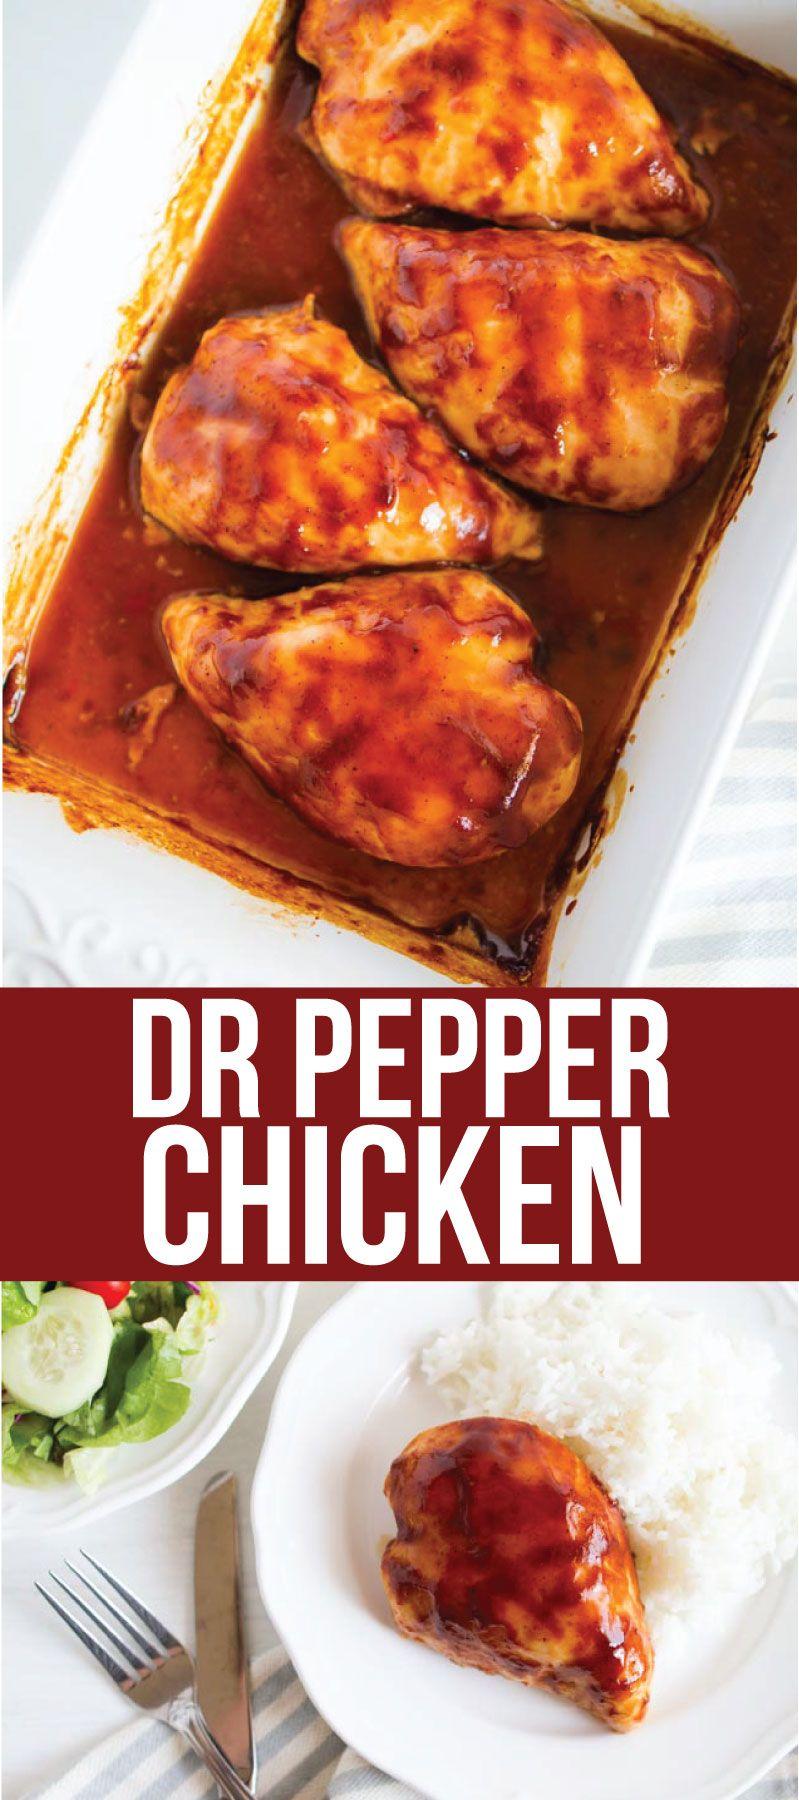 Dr Pepper Chicken